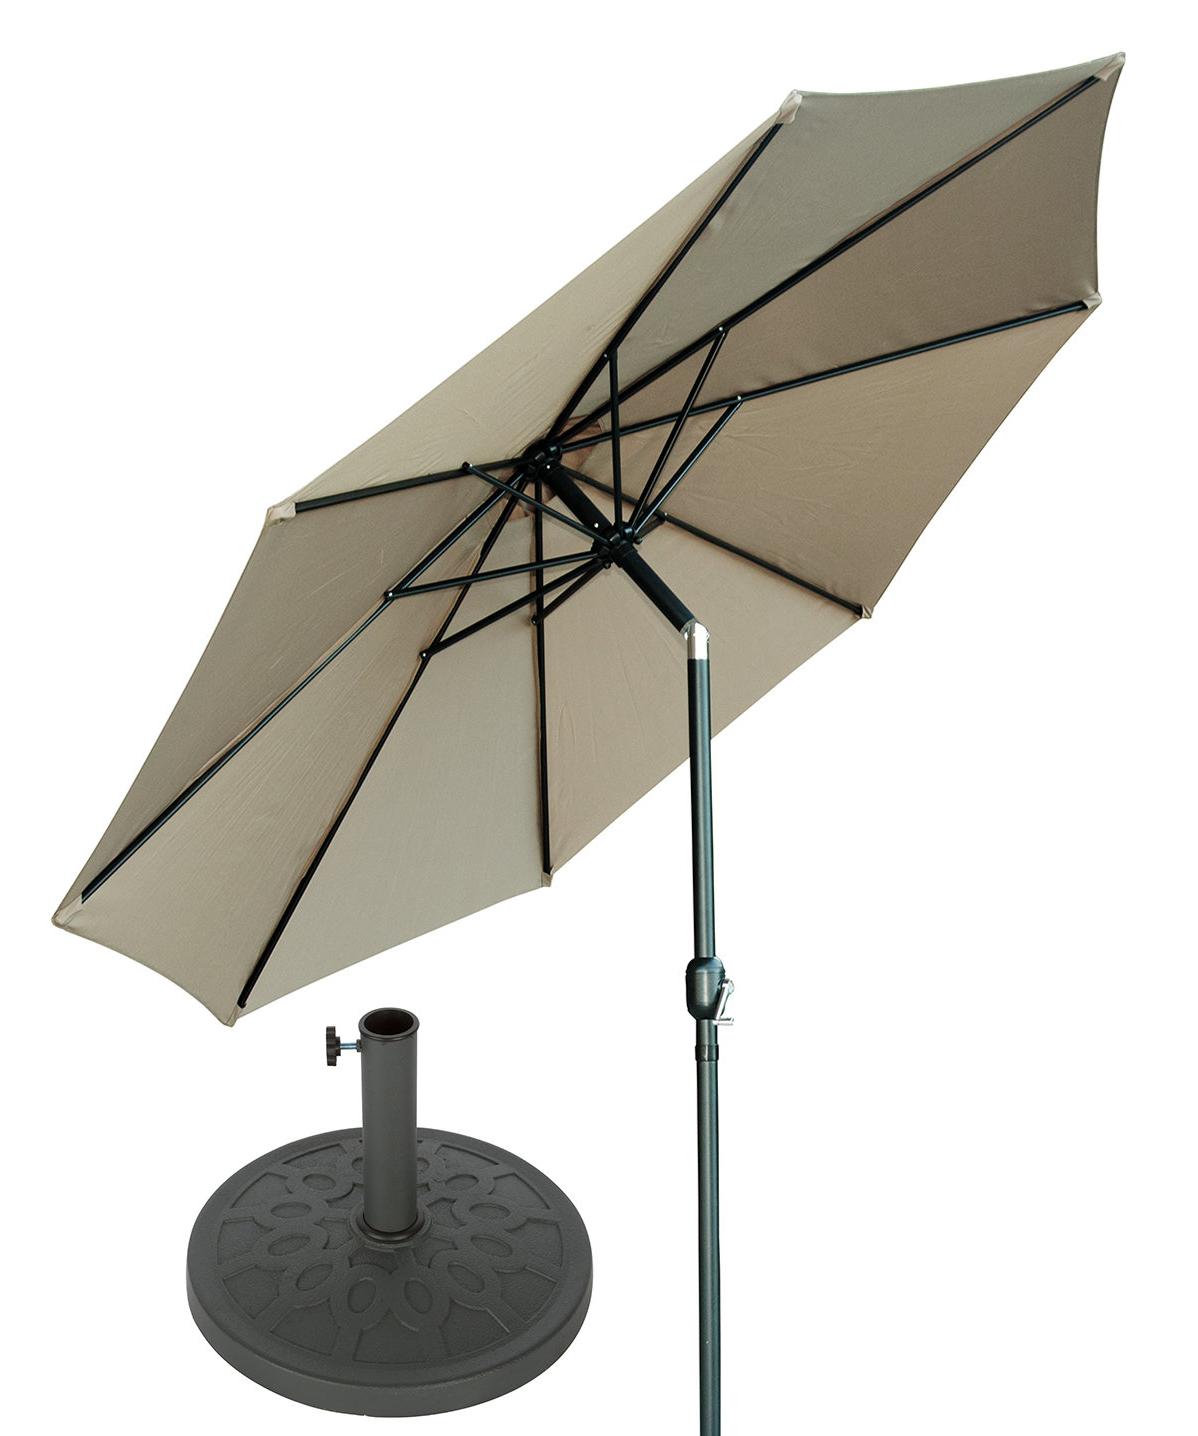 Brame Market Umbrellas In Well Known Brame 10' Market Umbrella (Gallery 1 of 20)